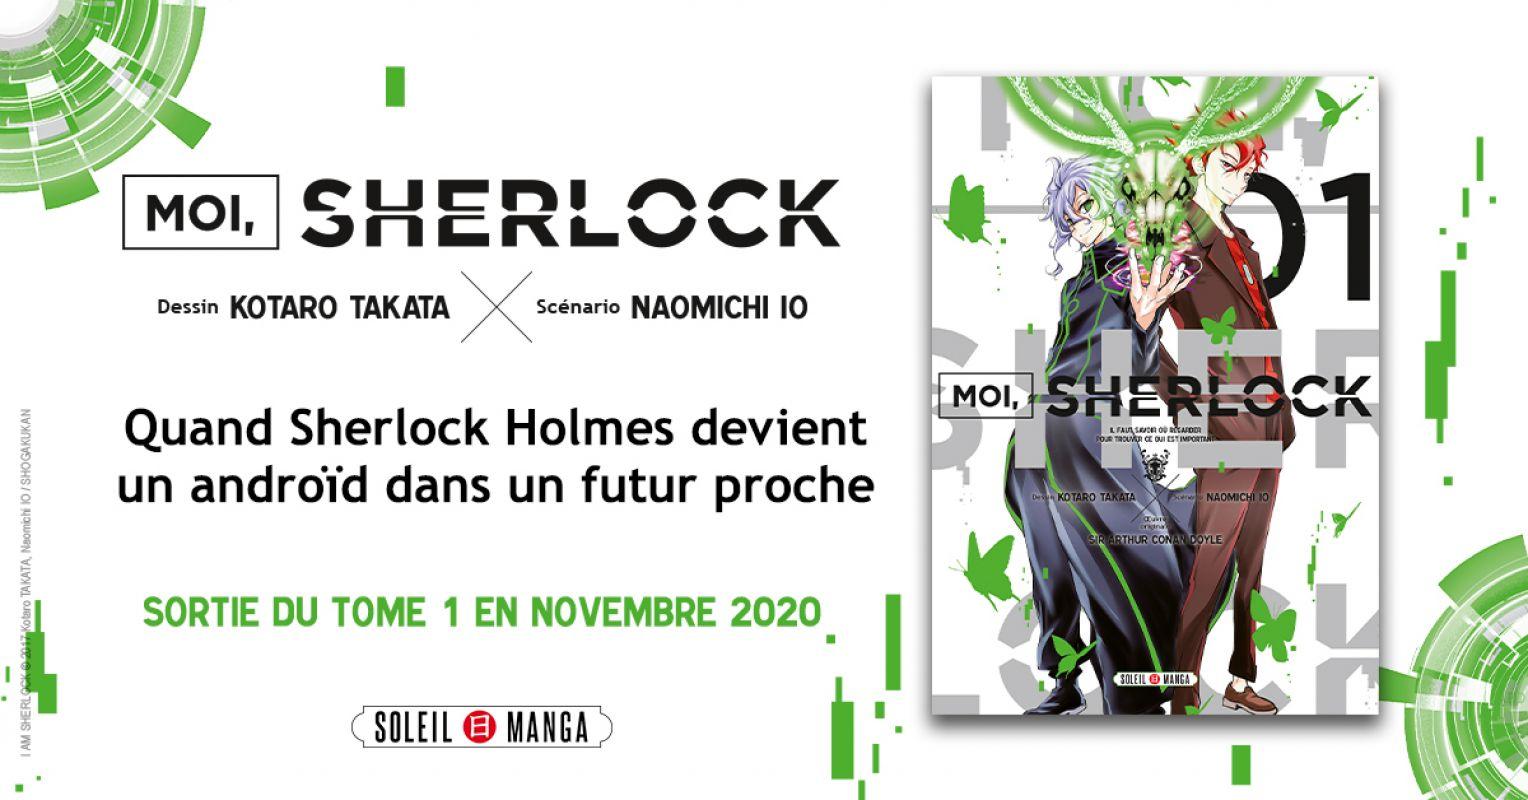 Moi, Sherlock chez Soleil Manga